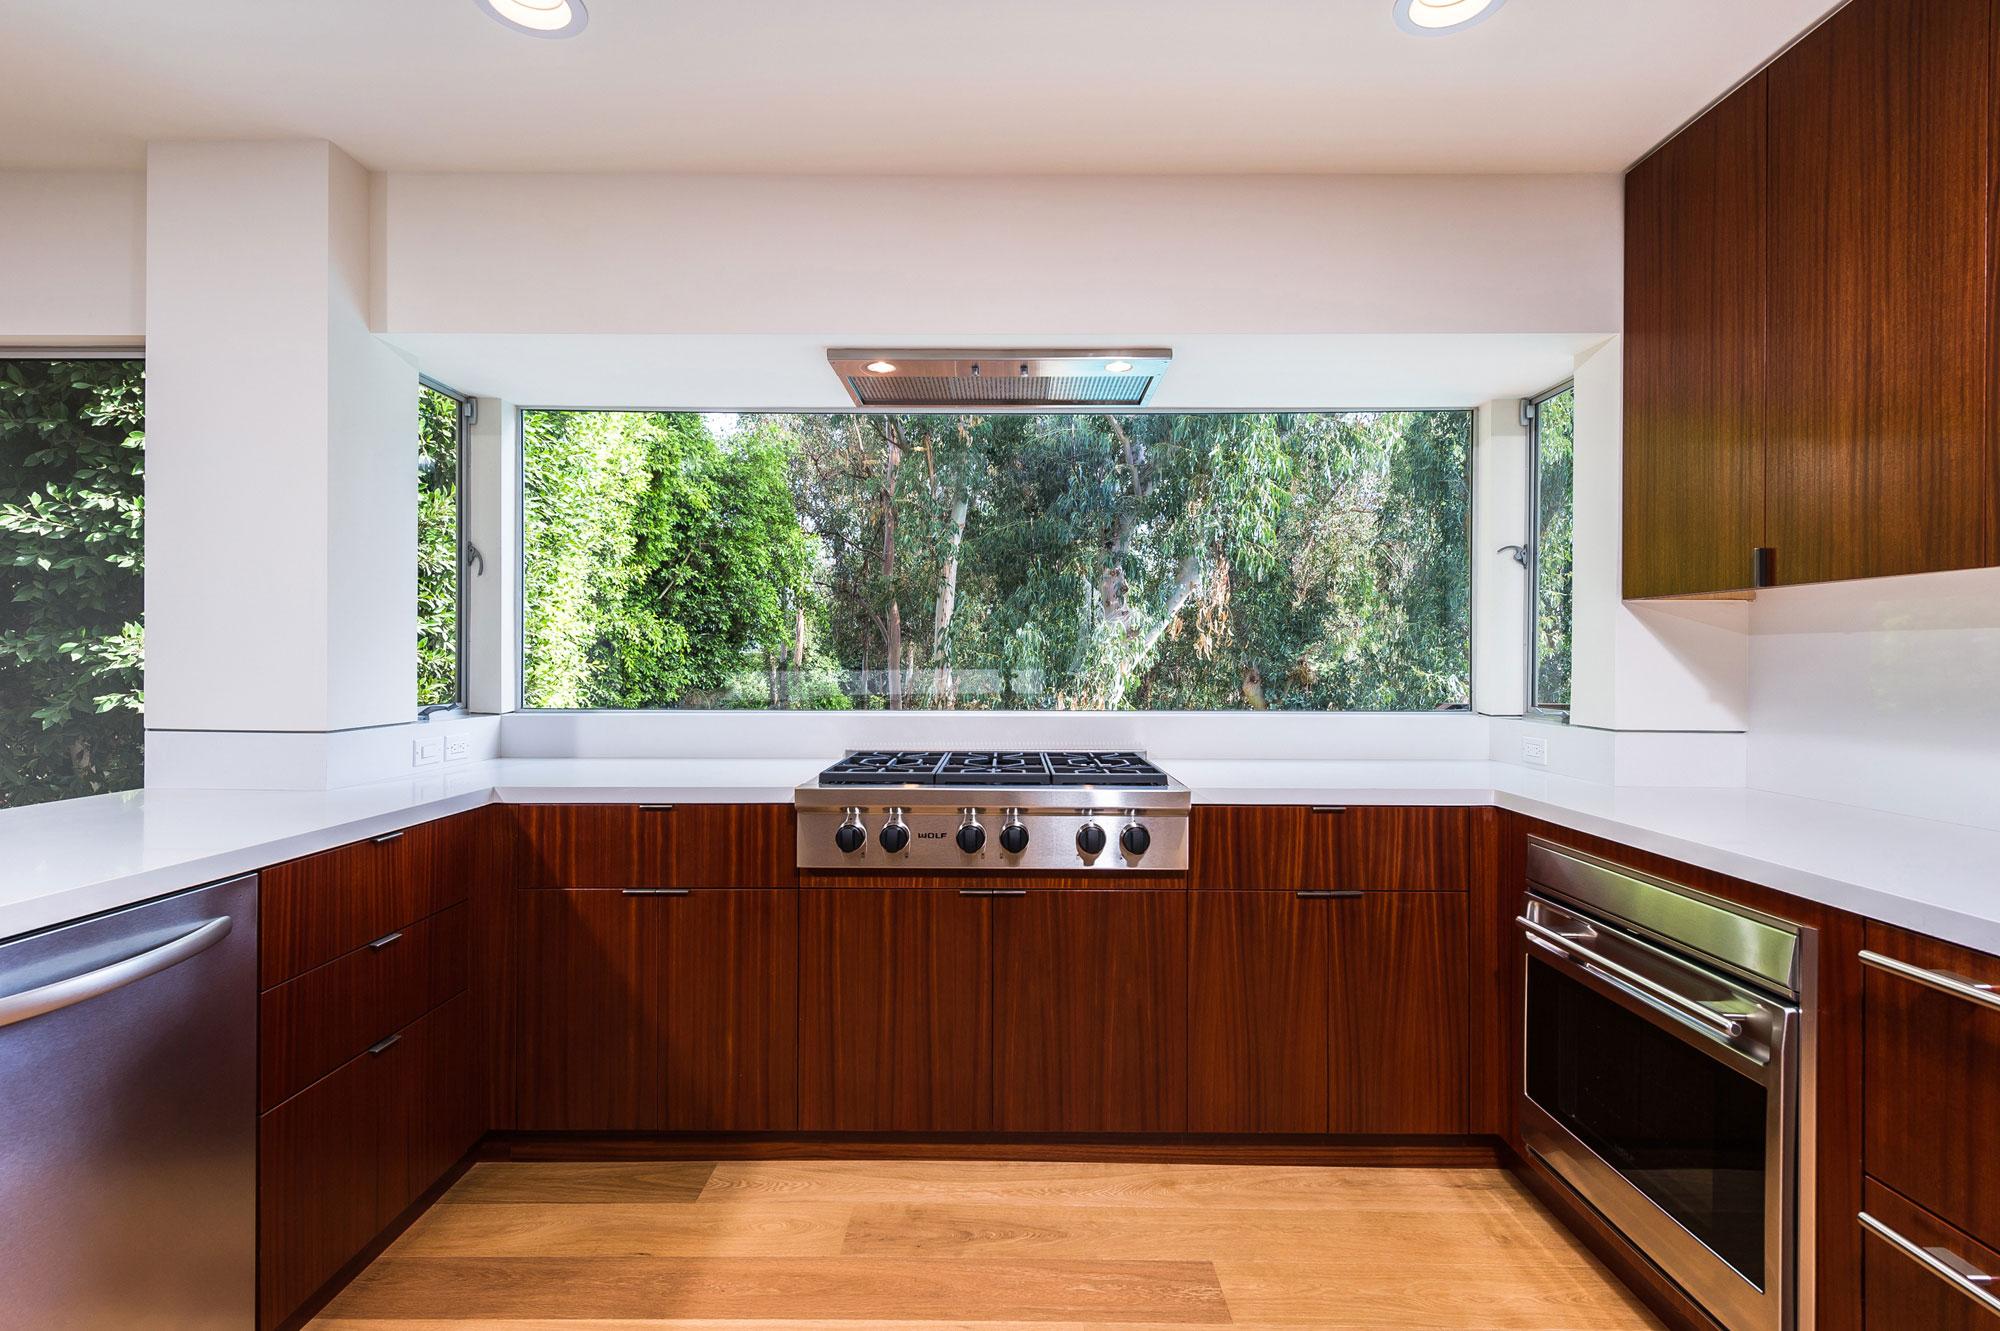 Дизайнерский интерьер небольшой кухни - фото 26